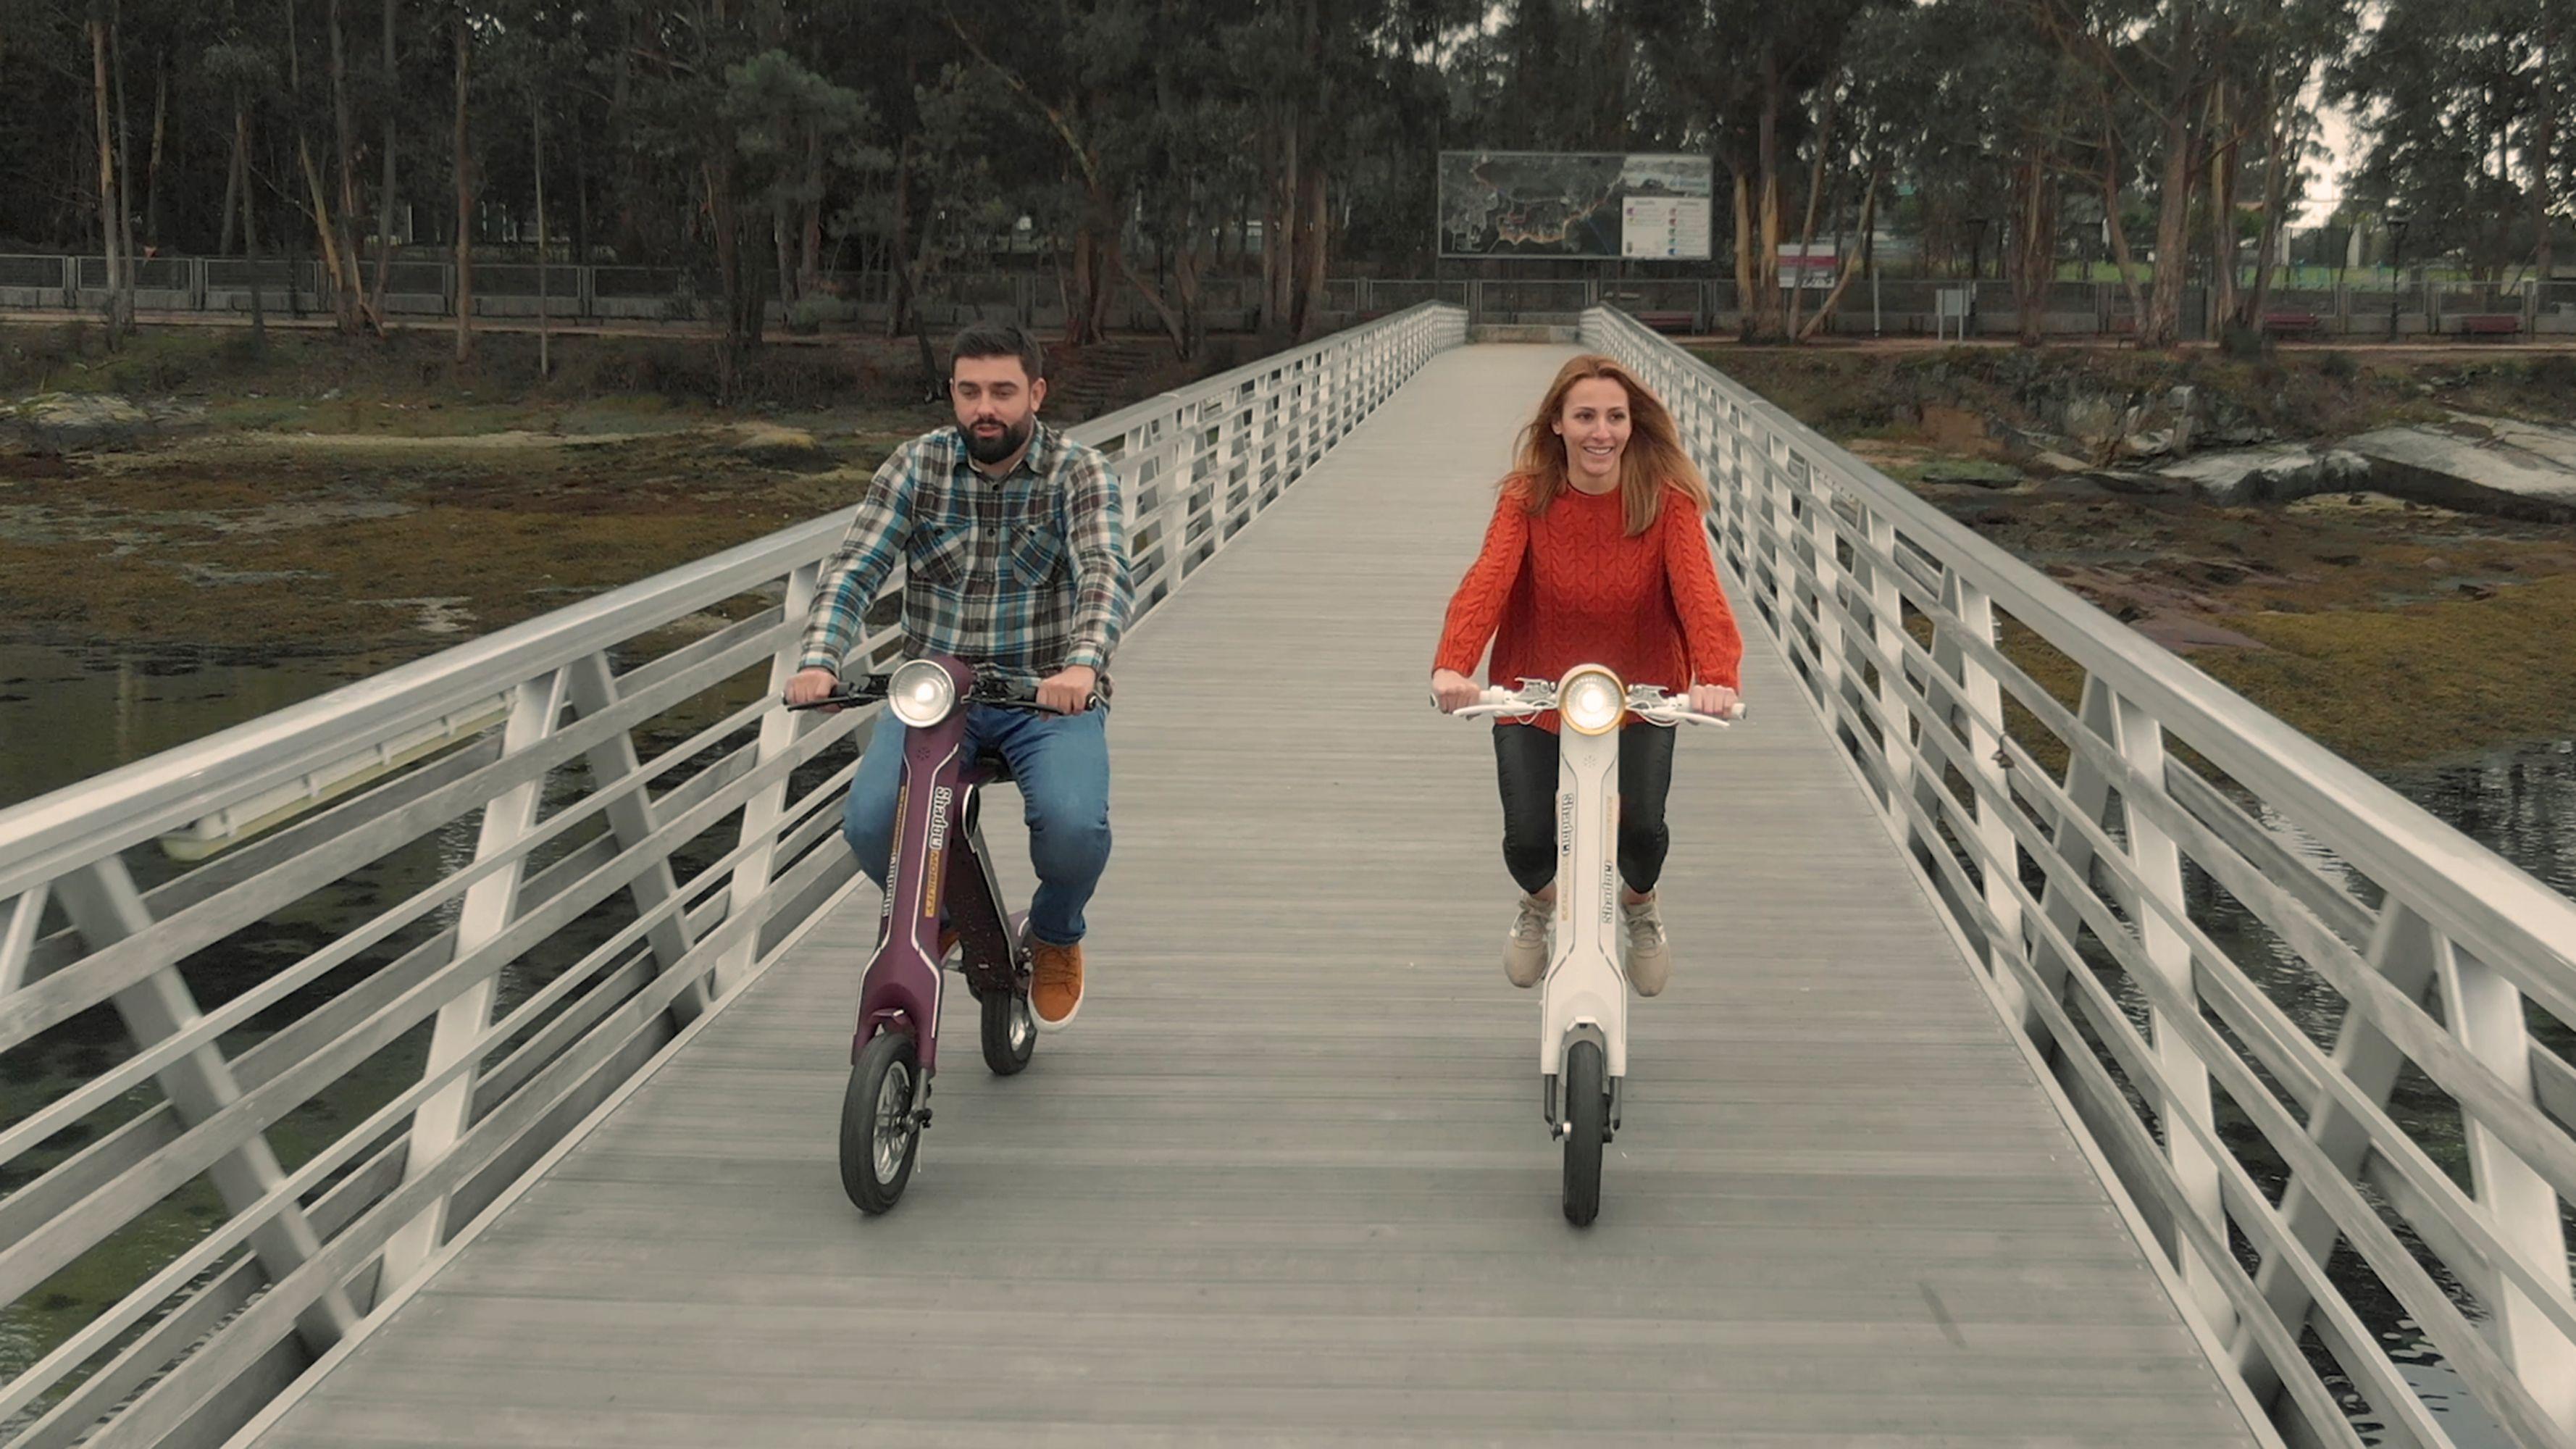 Shadow Mobility cruzando Puentes